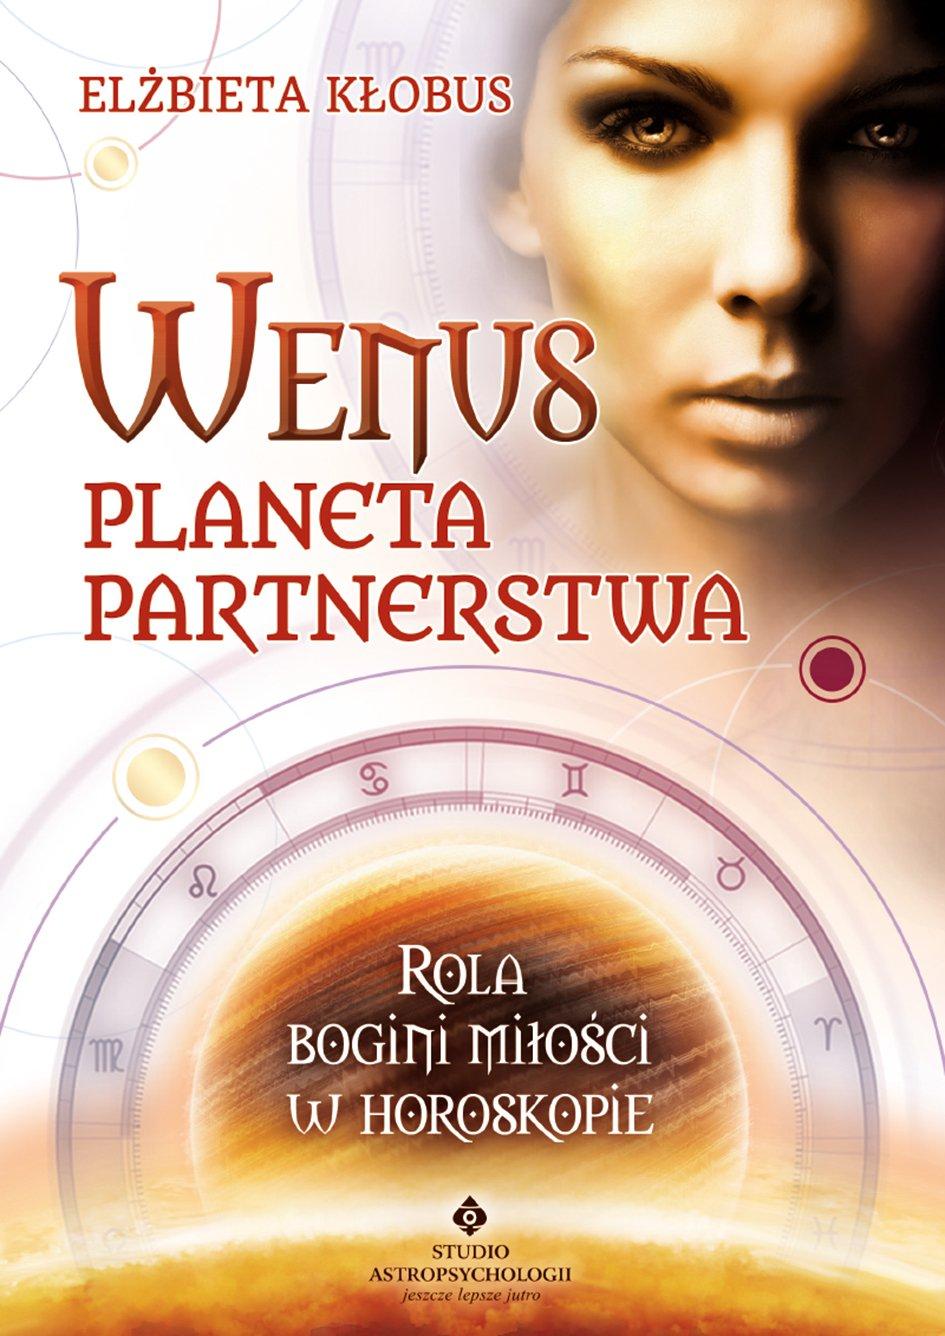 Wenus - planeta partnerstwa. Rola bogini miłości w horoskopie - Ebook (Książka na Kindle) do pobrania w formacie MOBI